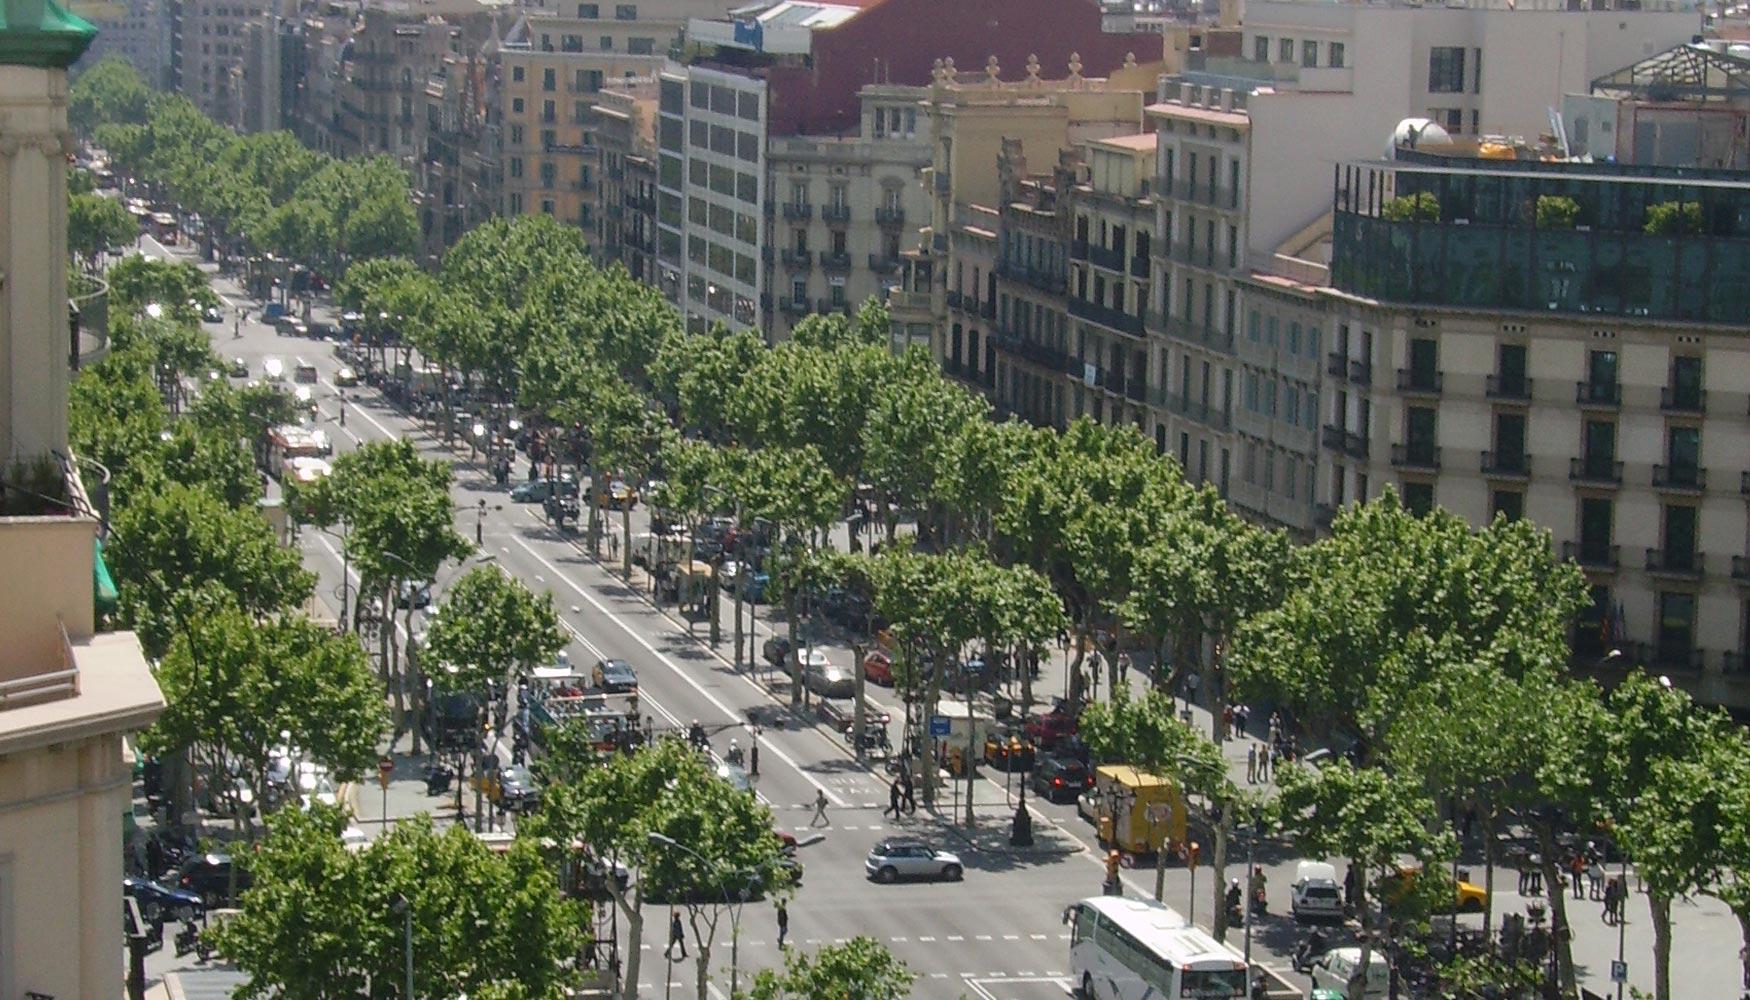 La contrataci n de oficinas en barcelona se ralentiza por for Oficinas de allianz en madrid